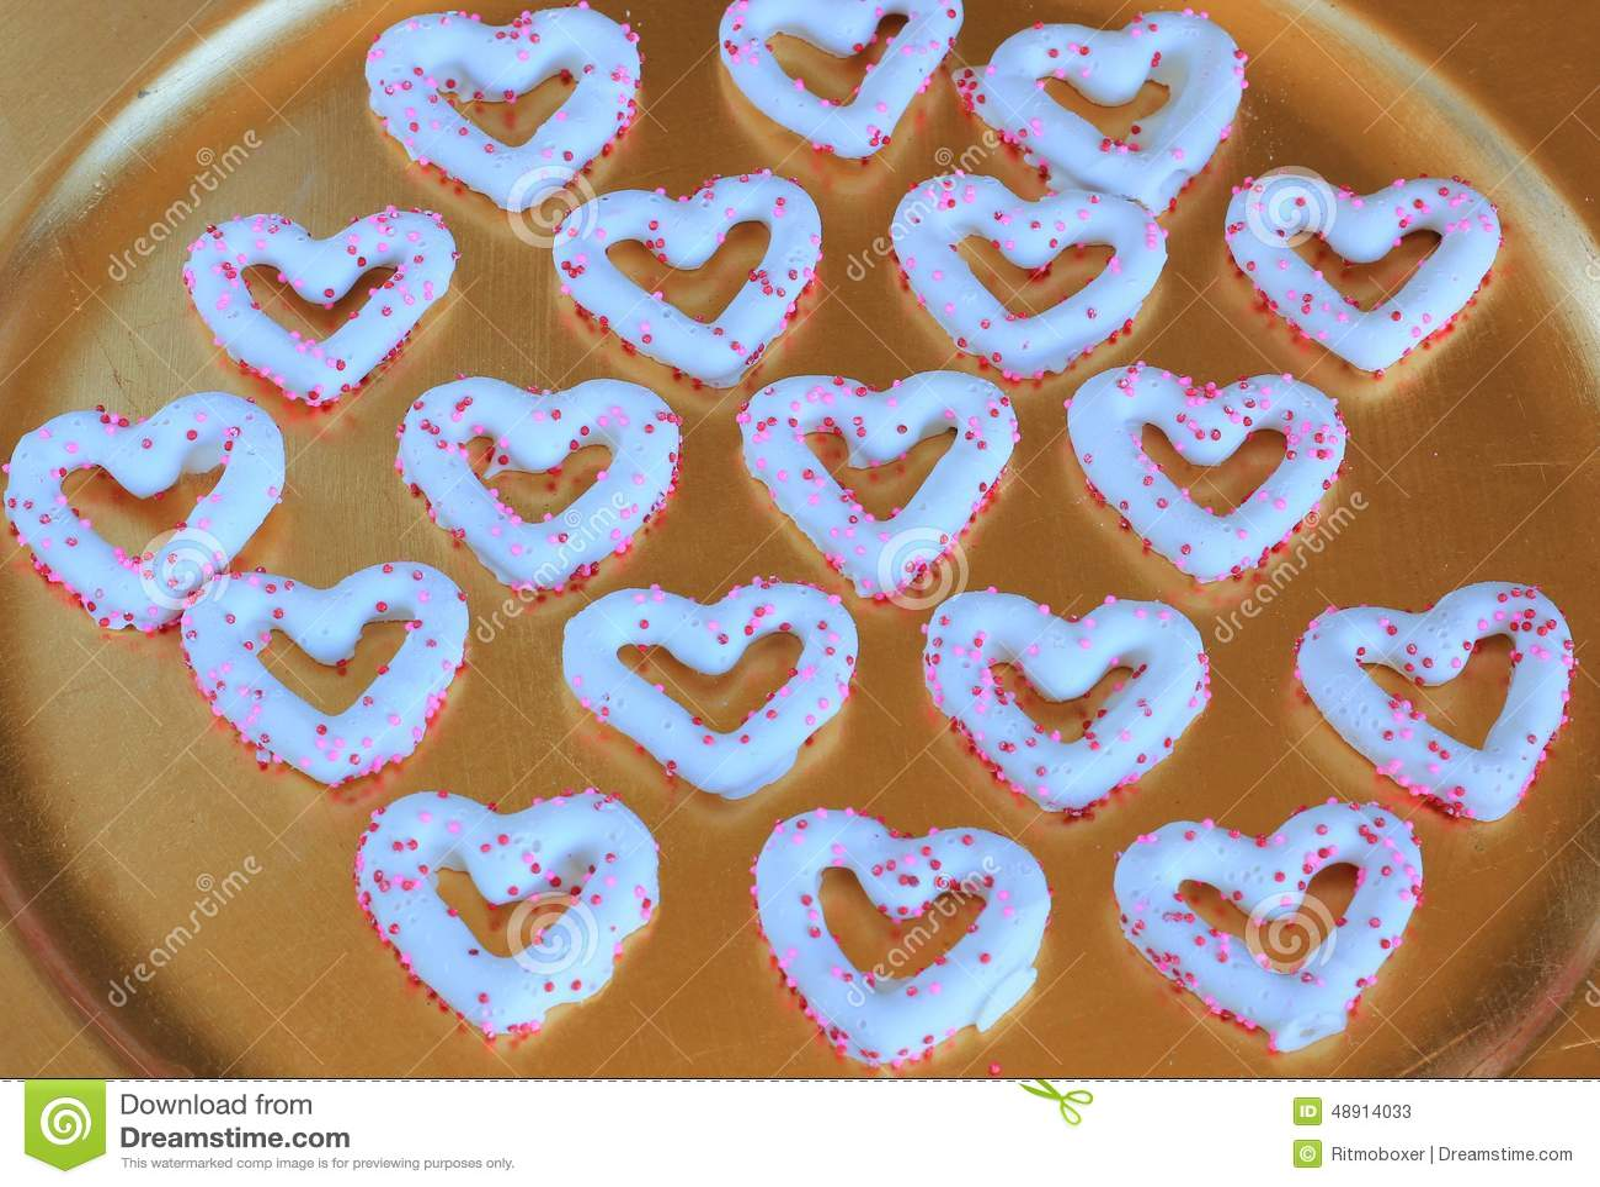 华伦泰的心脏涂了巧克力的椒盐脆饼